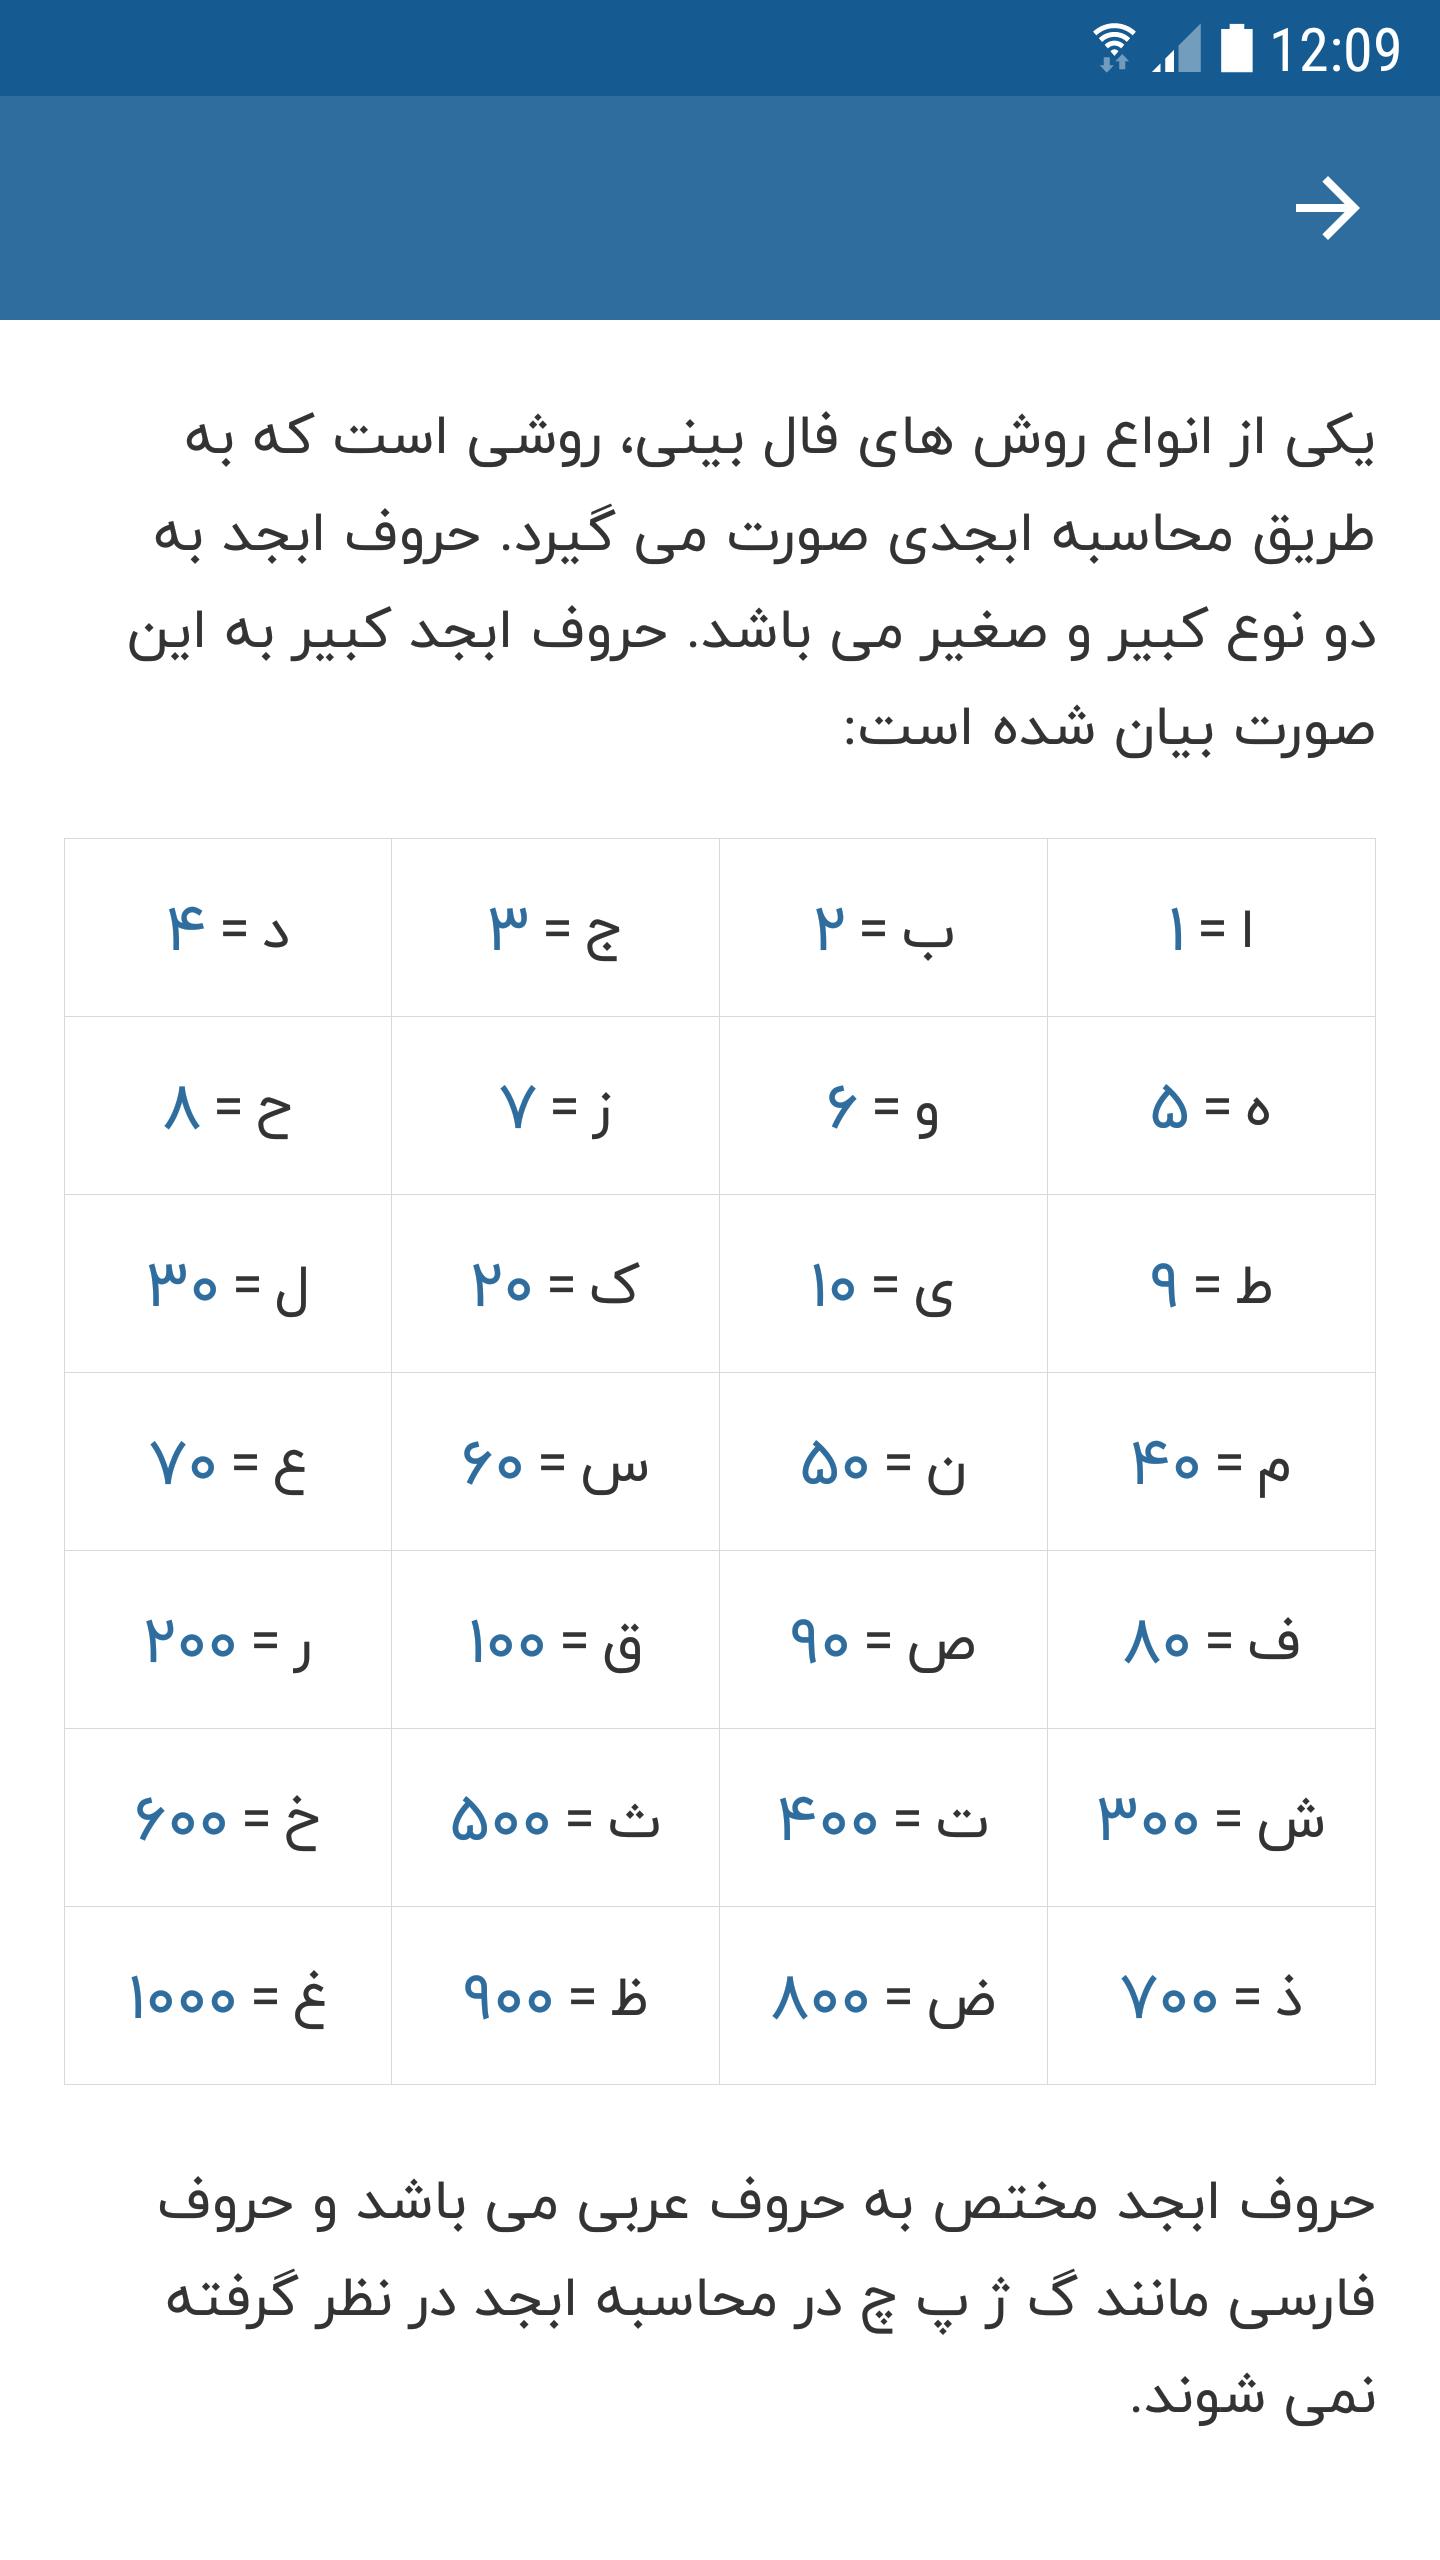 تصویر 9 فال ابجد + محاسبه ابجد